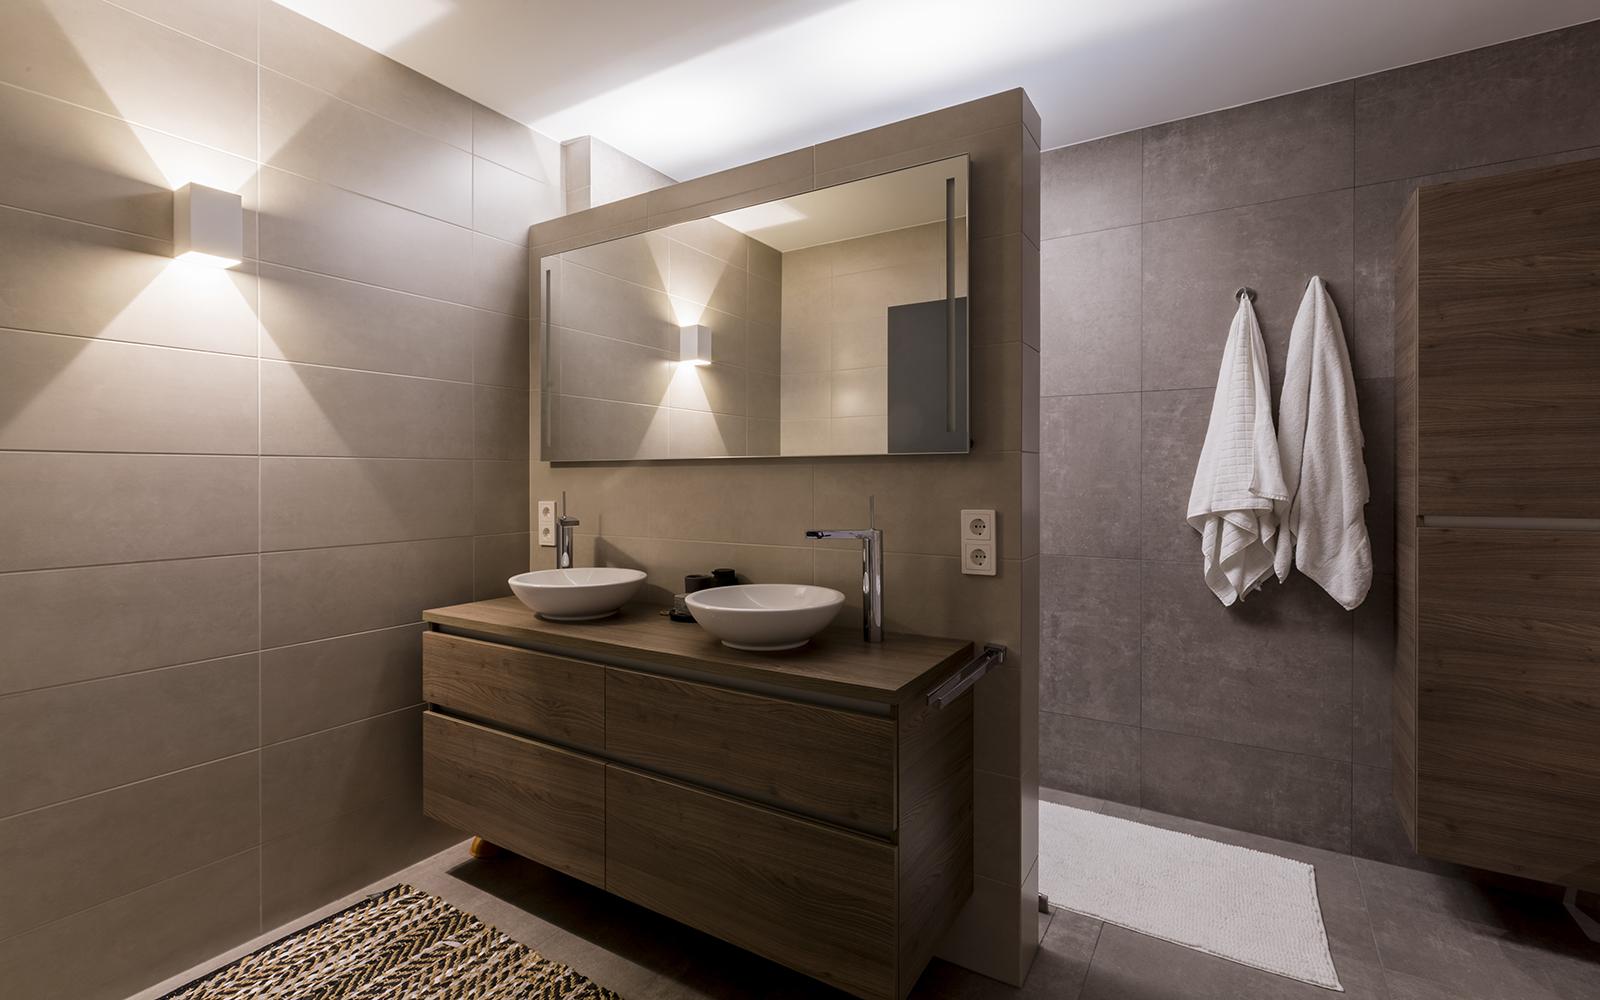 Hemels Wonen, living, interieur, badkamer